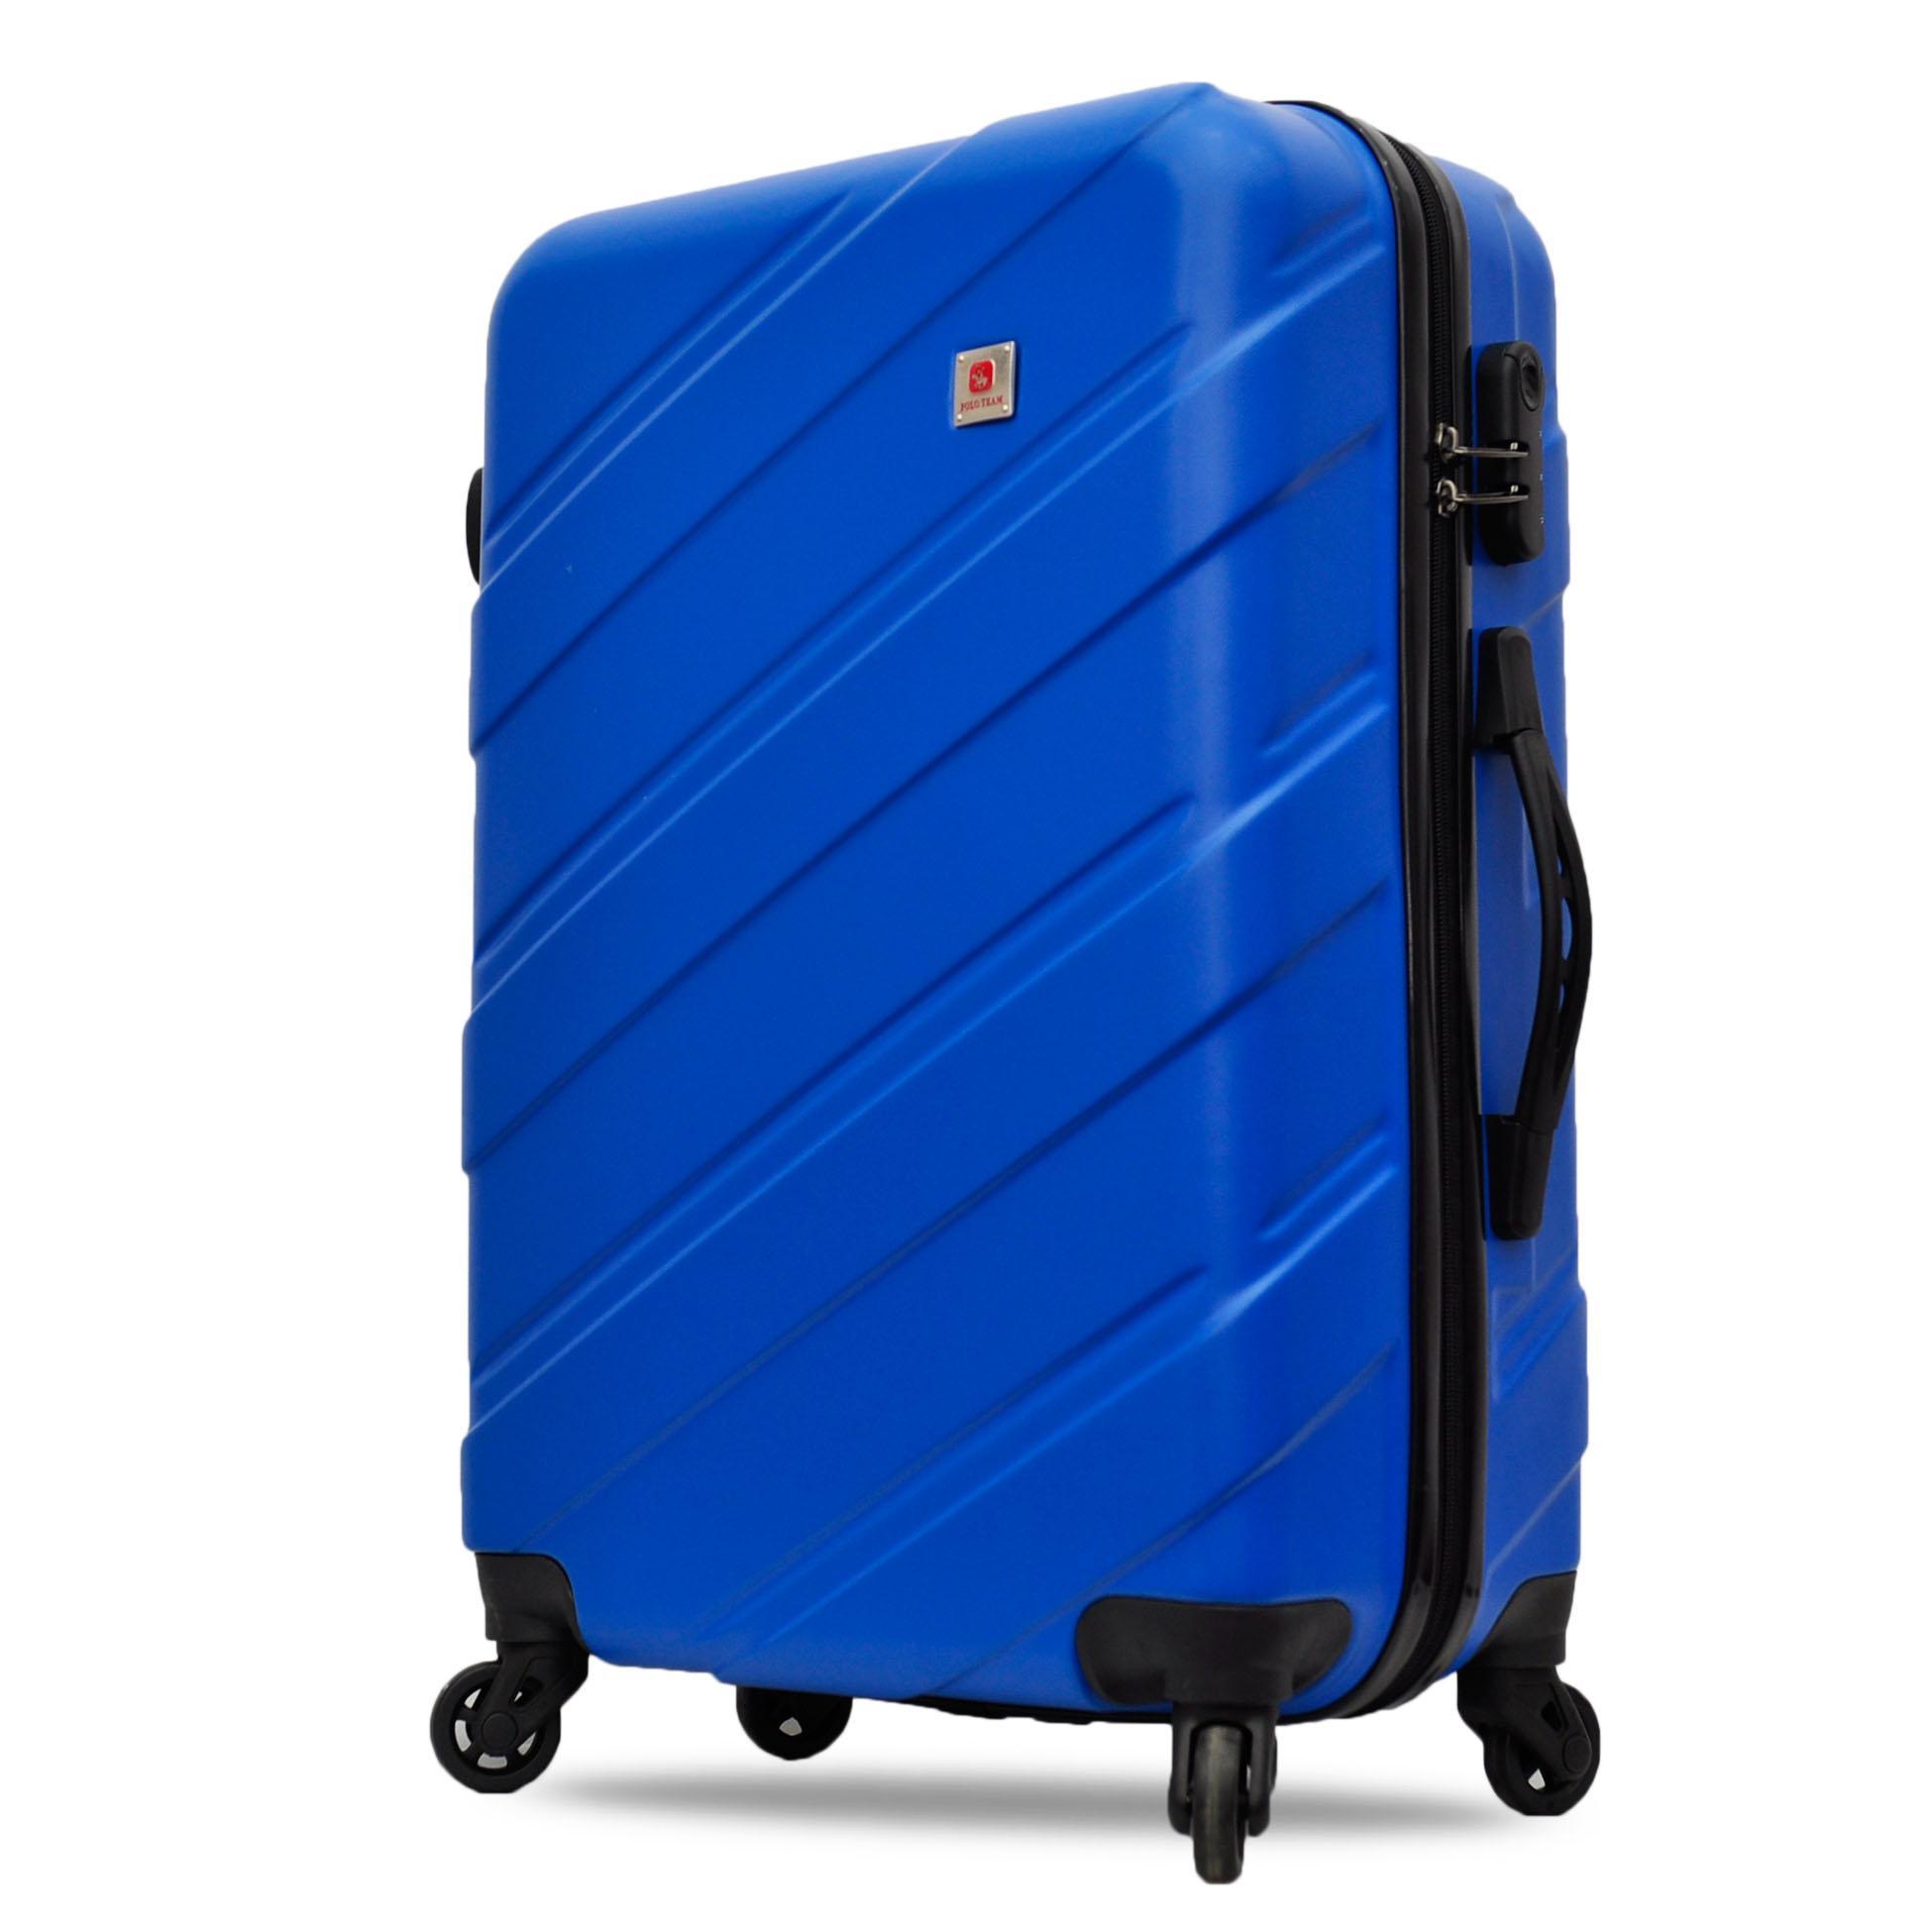 Polo Team Tas Koper Hardcase Kabin size 20 inch 040